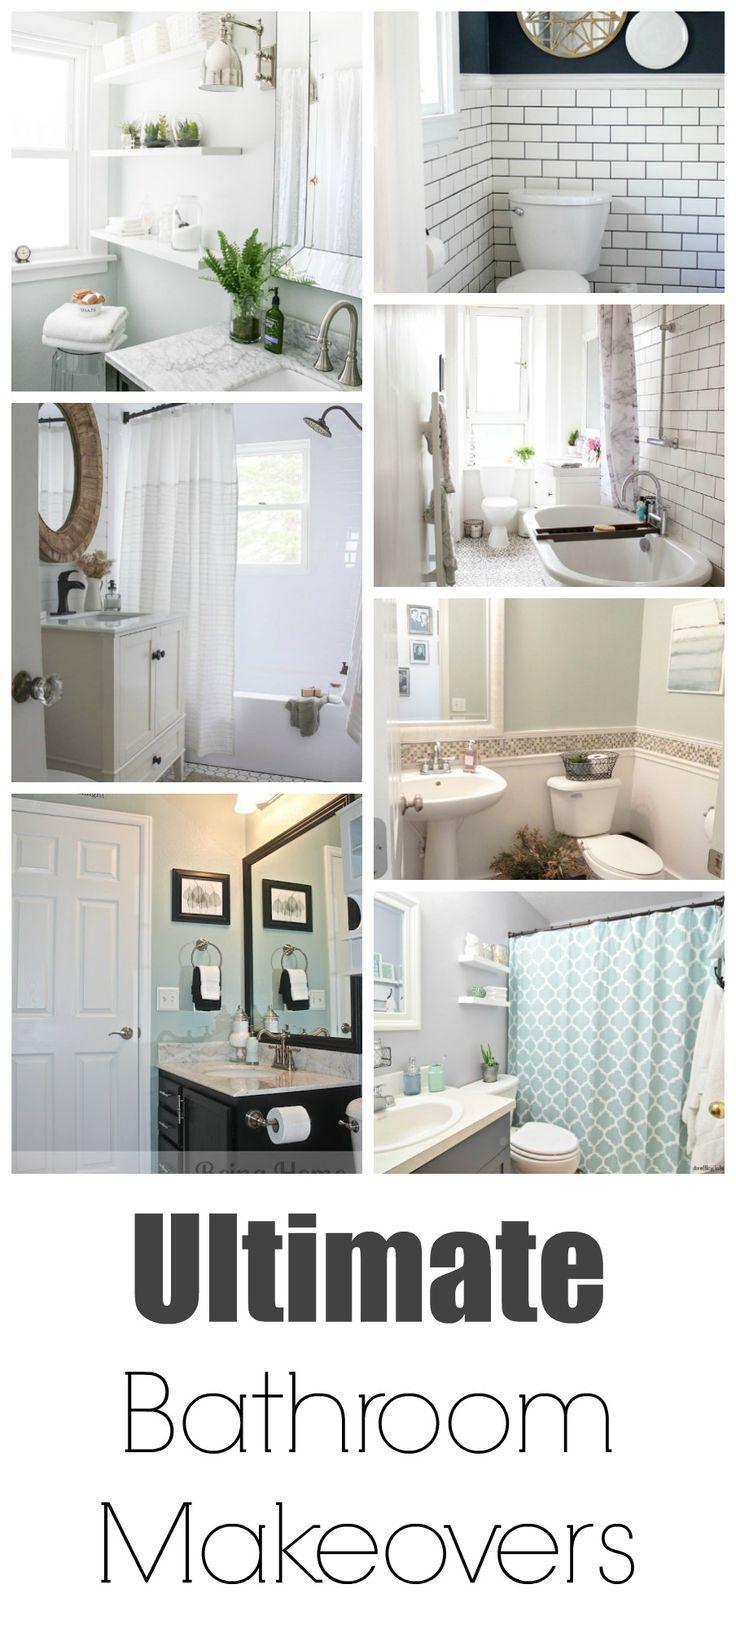 Ultimate bathroom makeover ba o ba os y muebles - Muebles inteligentes ...